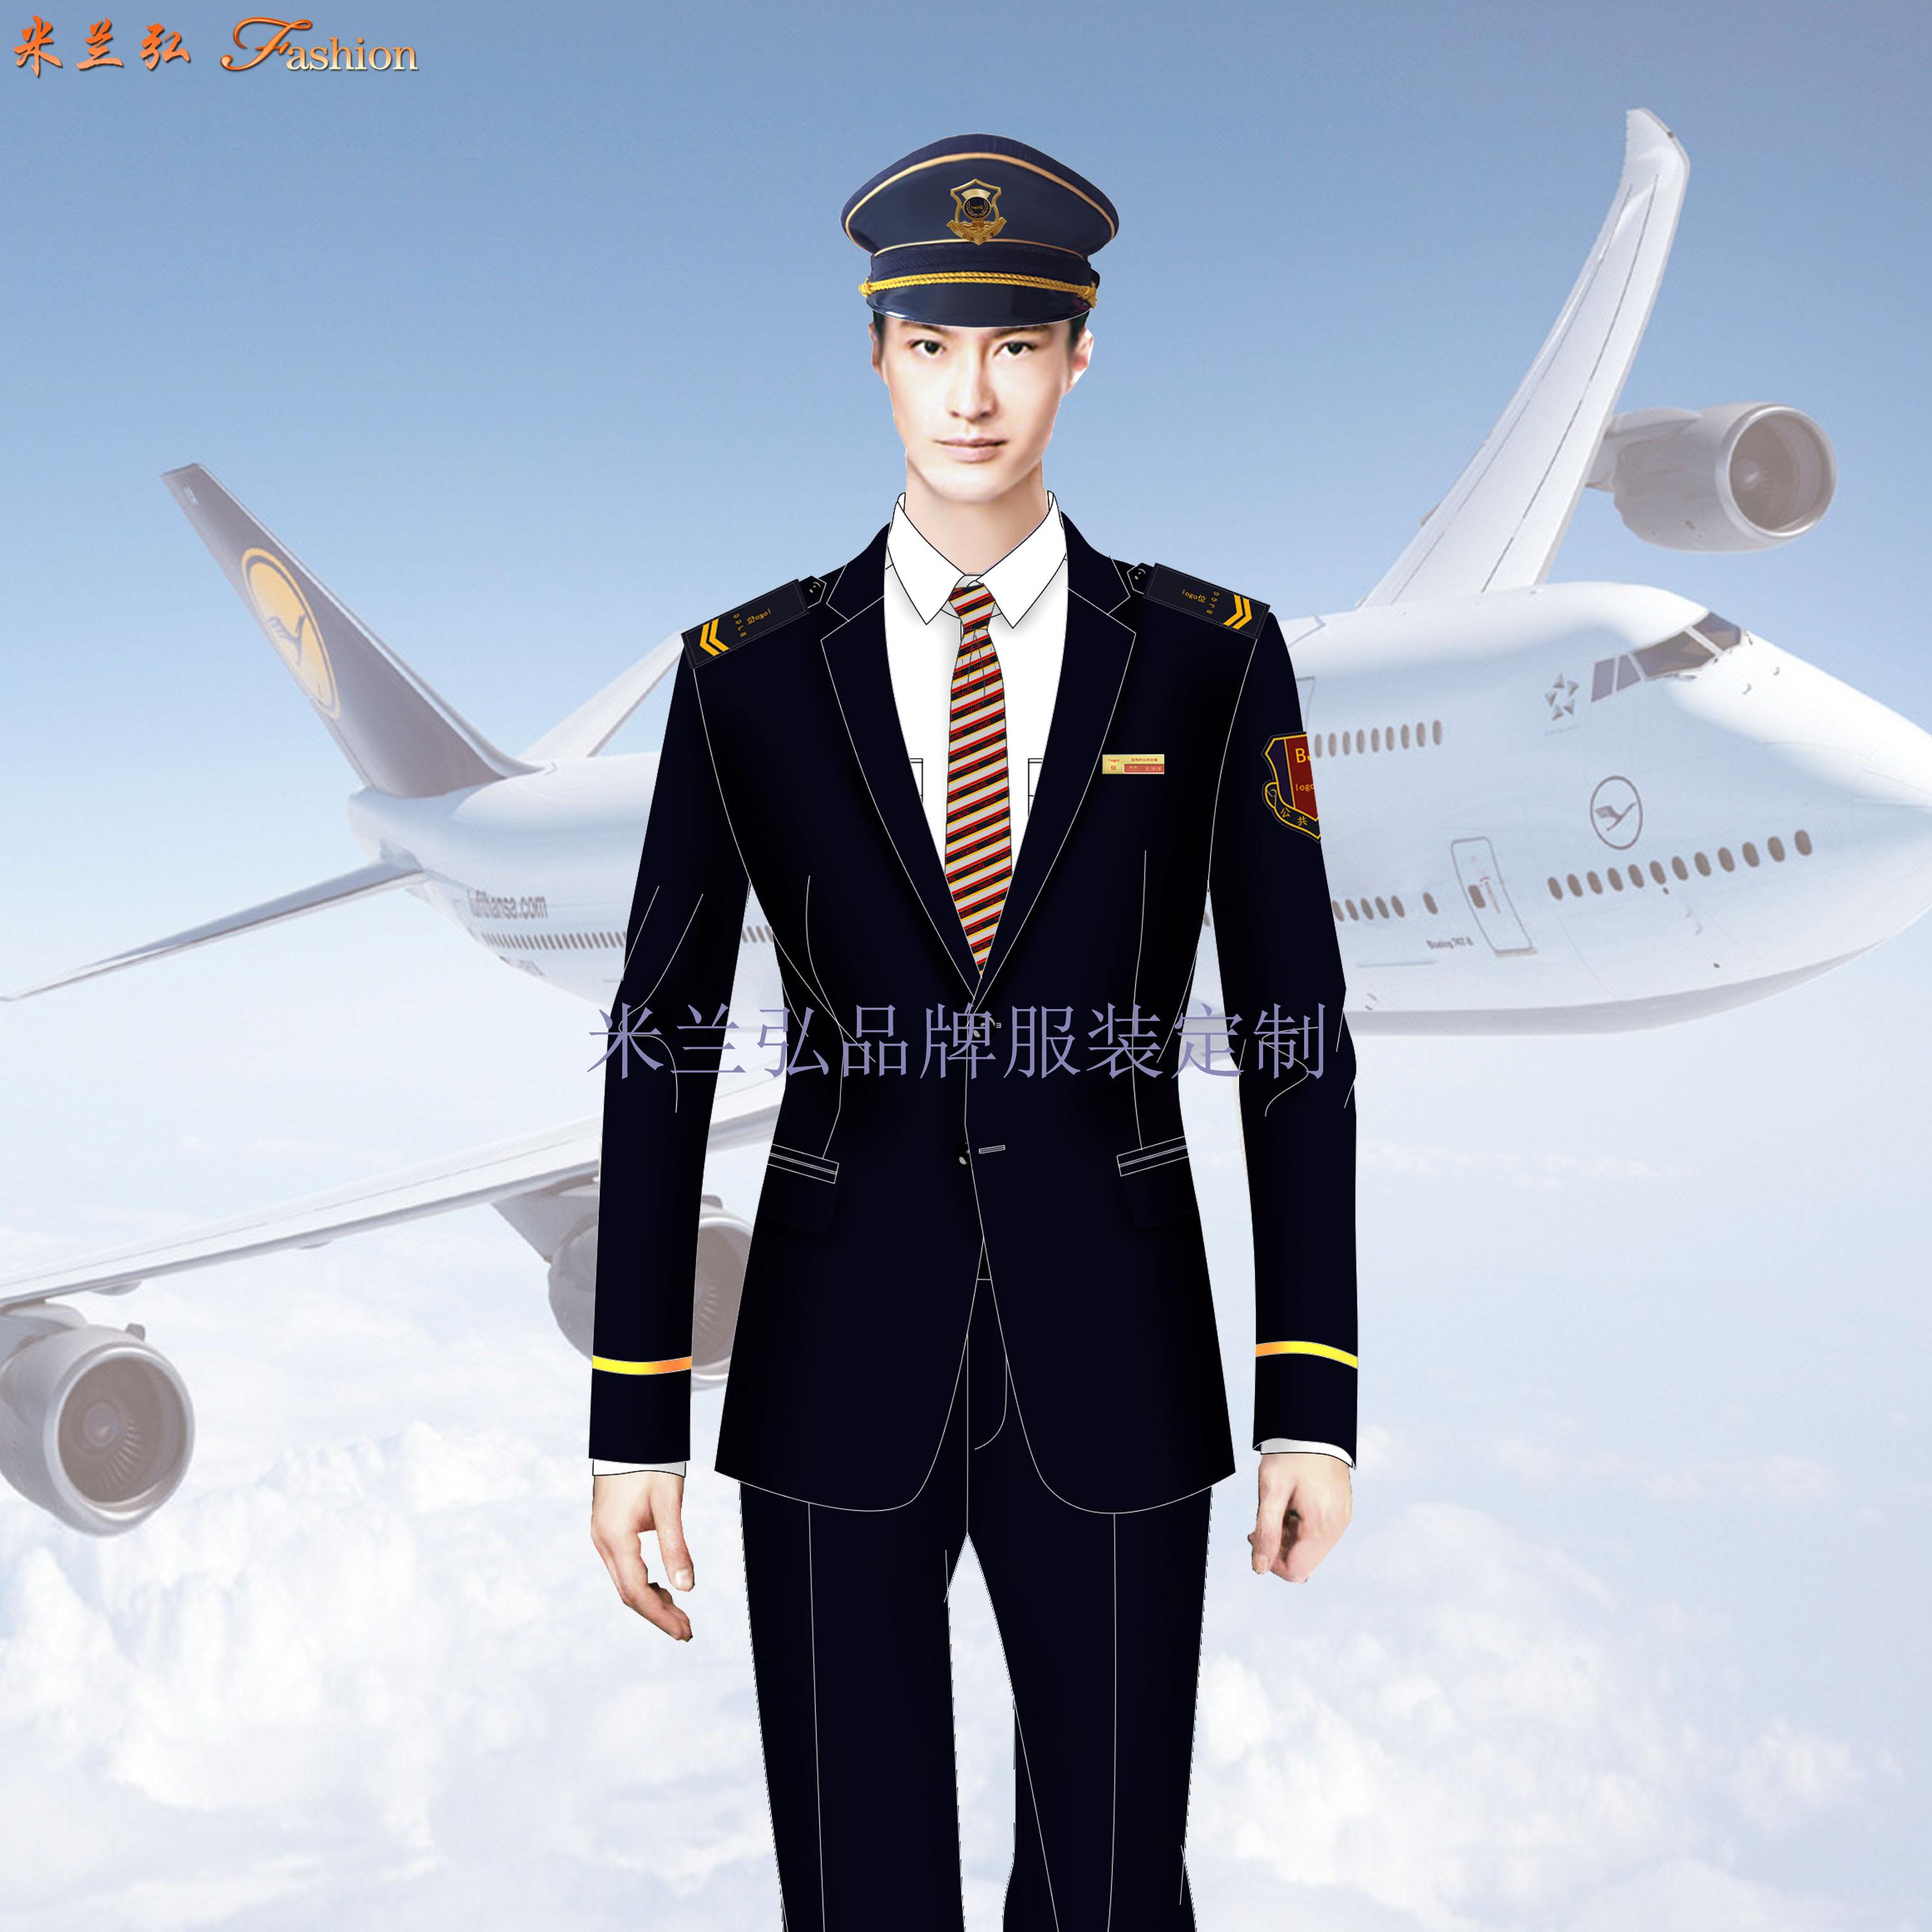 江蘇南京祿口國際機場地勤工作服定做-米蘭弘服裝廠家-4